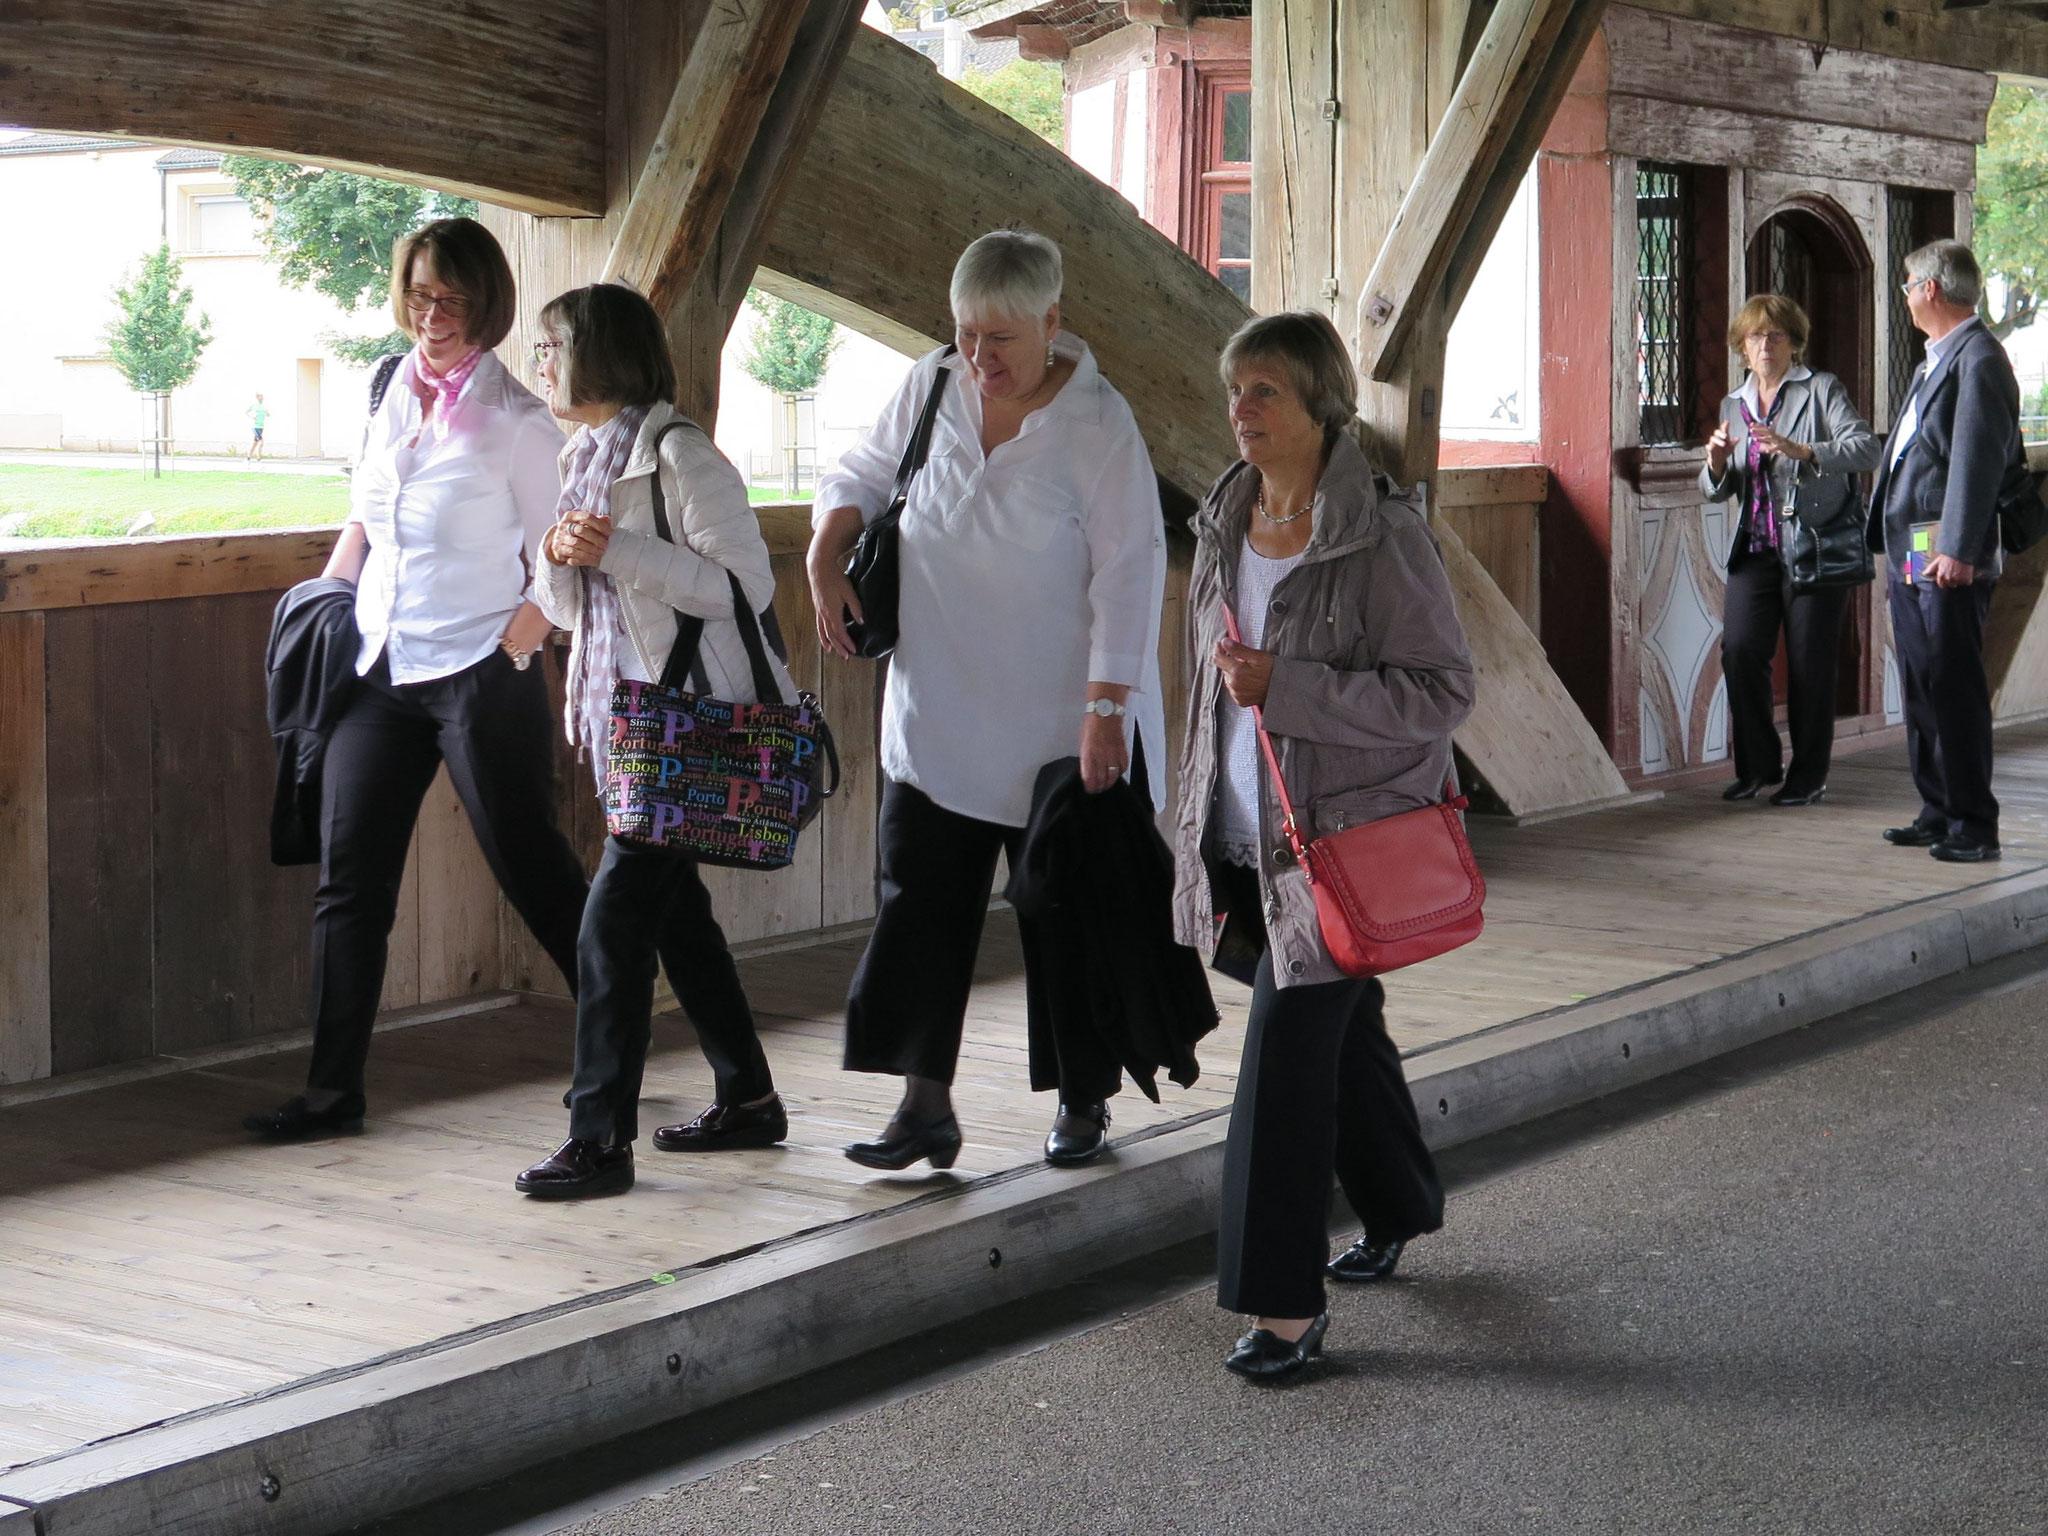 Schon gut gelaunt geht es durch die Holzbrücke Richtung Kirche.